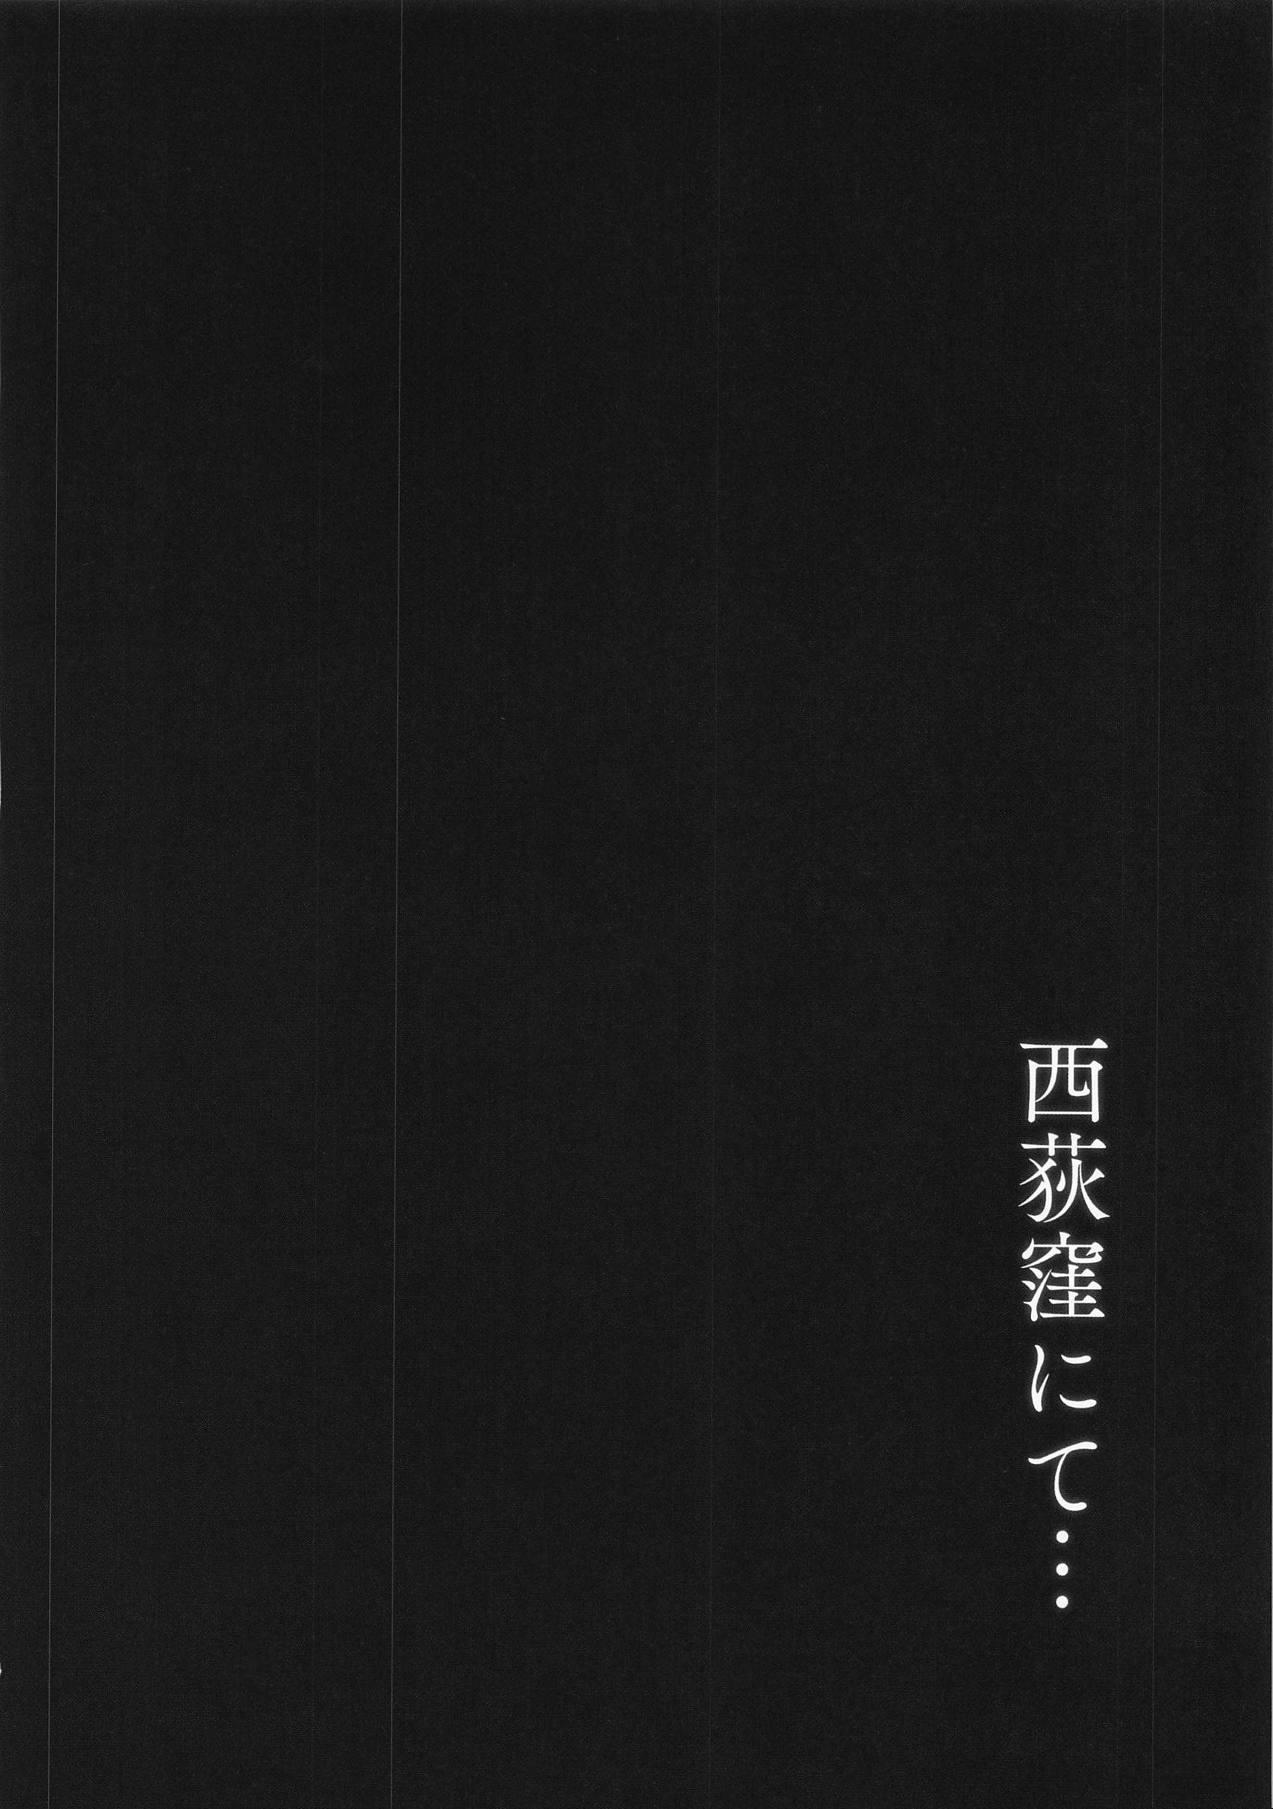 Nishiogikubo nite... 2